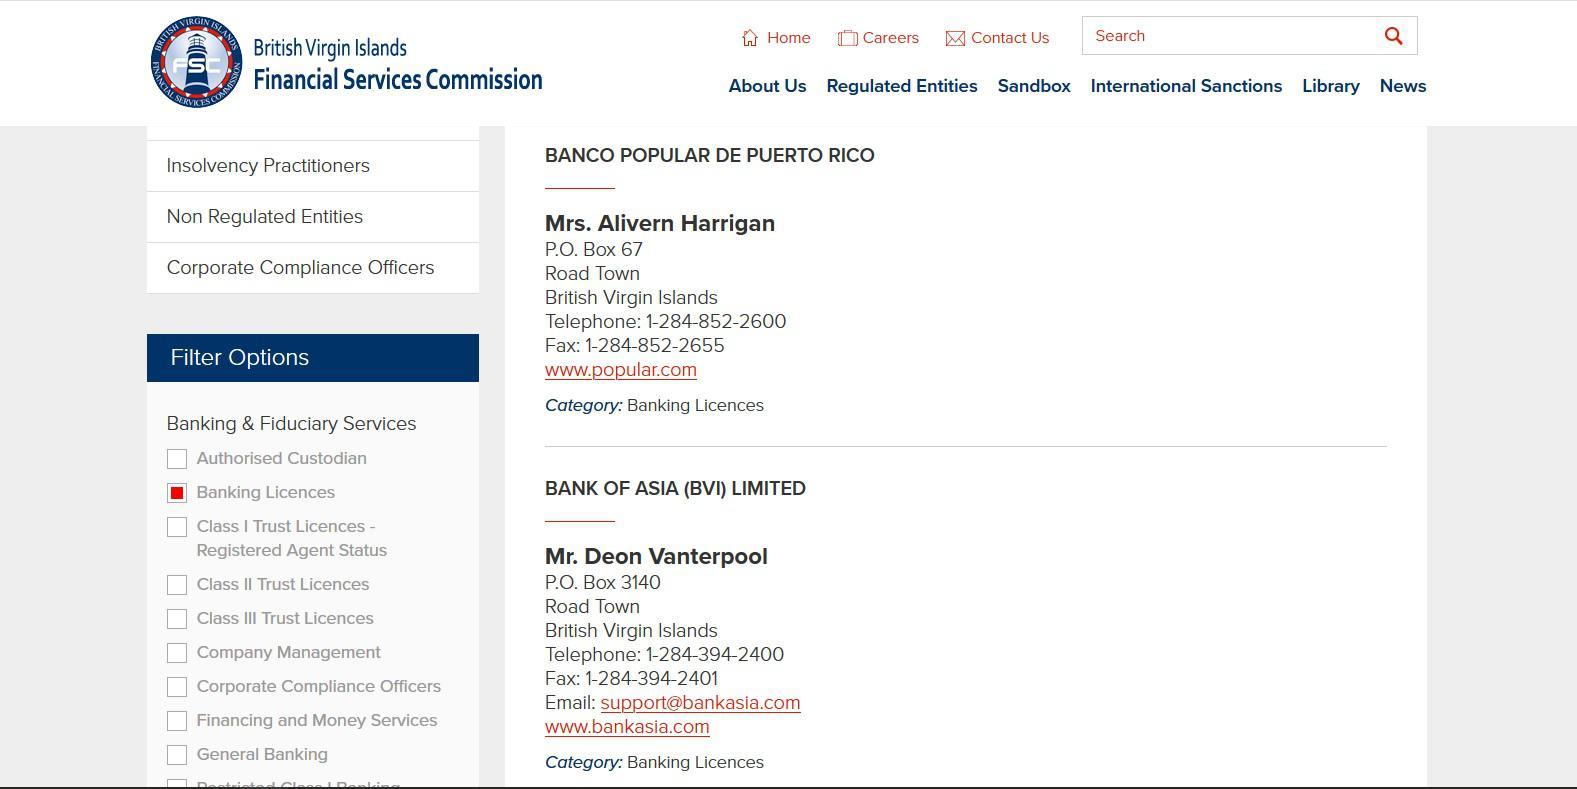 Скриншот с сайта BVI Financial Services Commission, раздел «Regulated Entities»